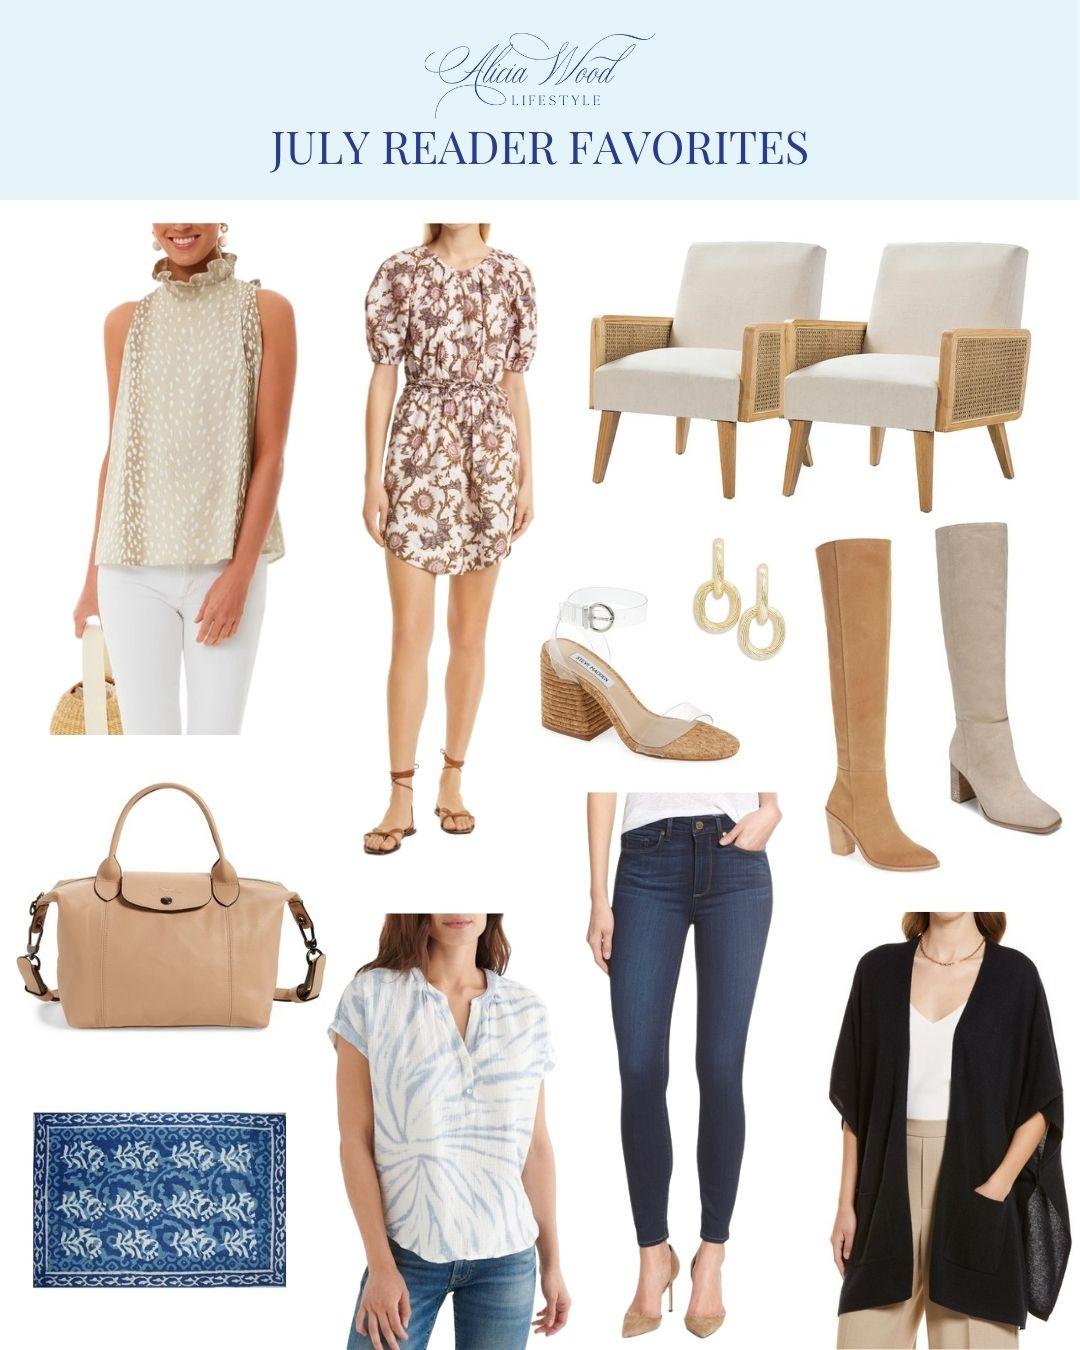 July Reader Favorites